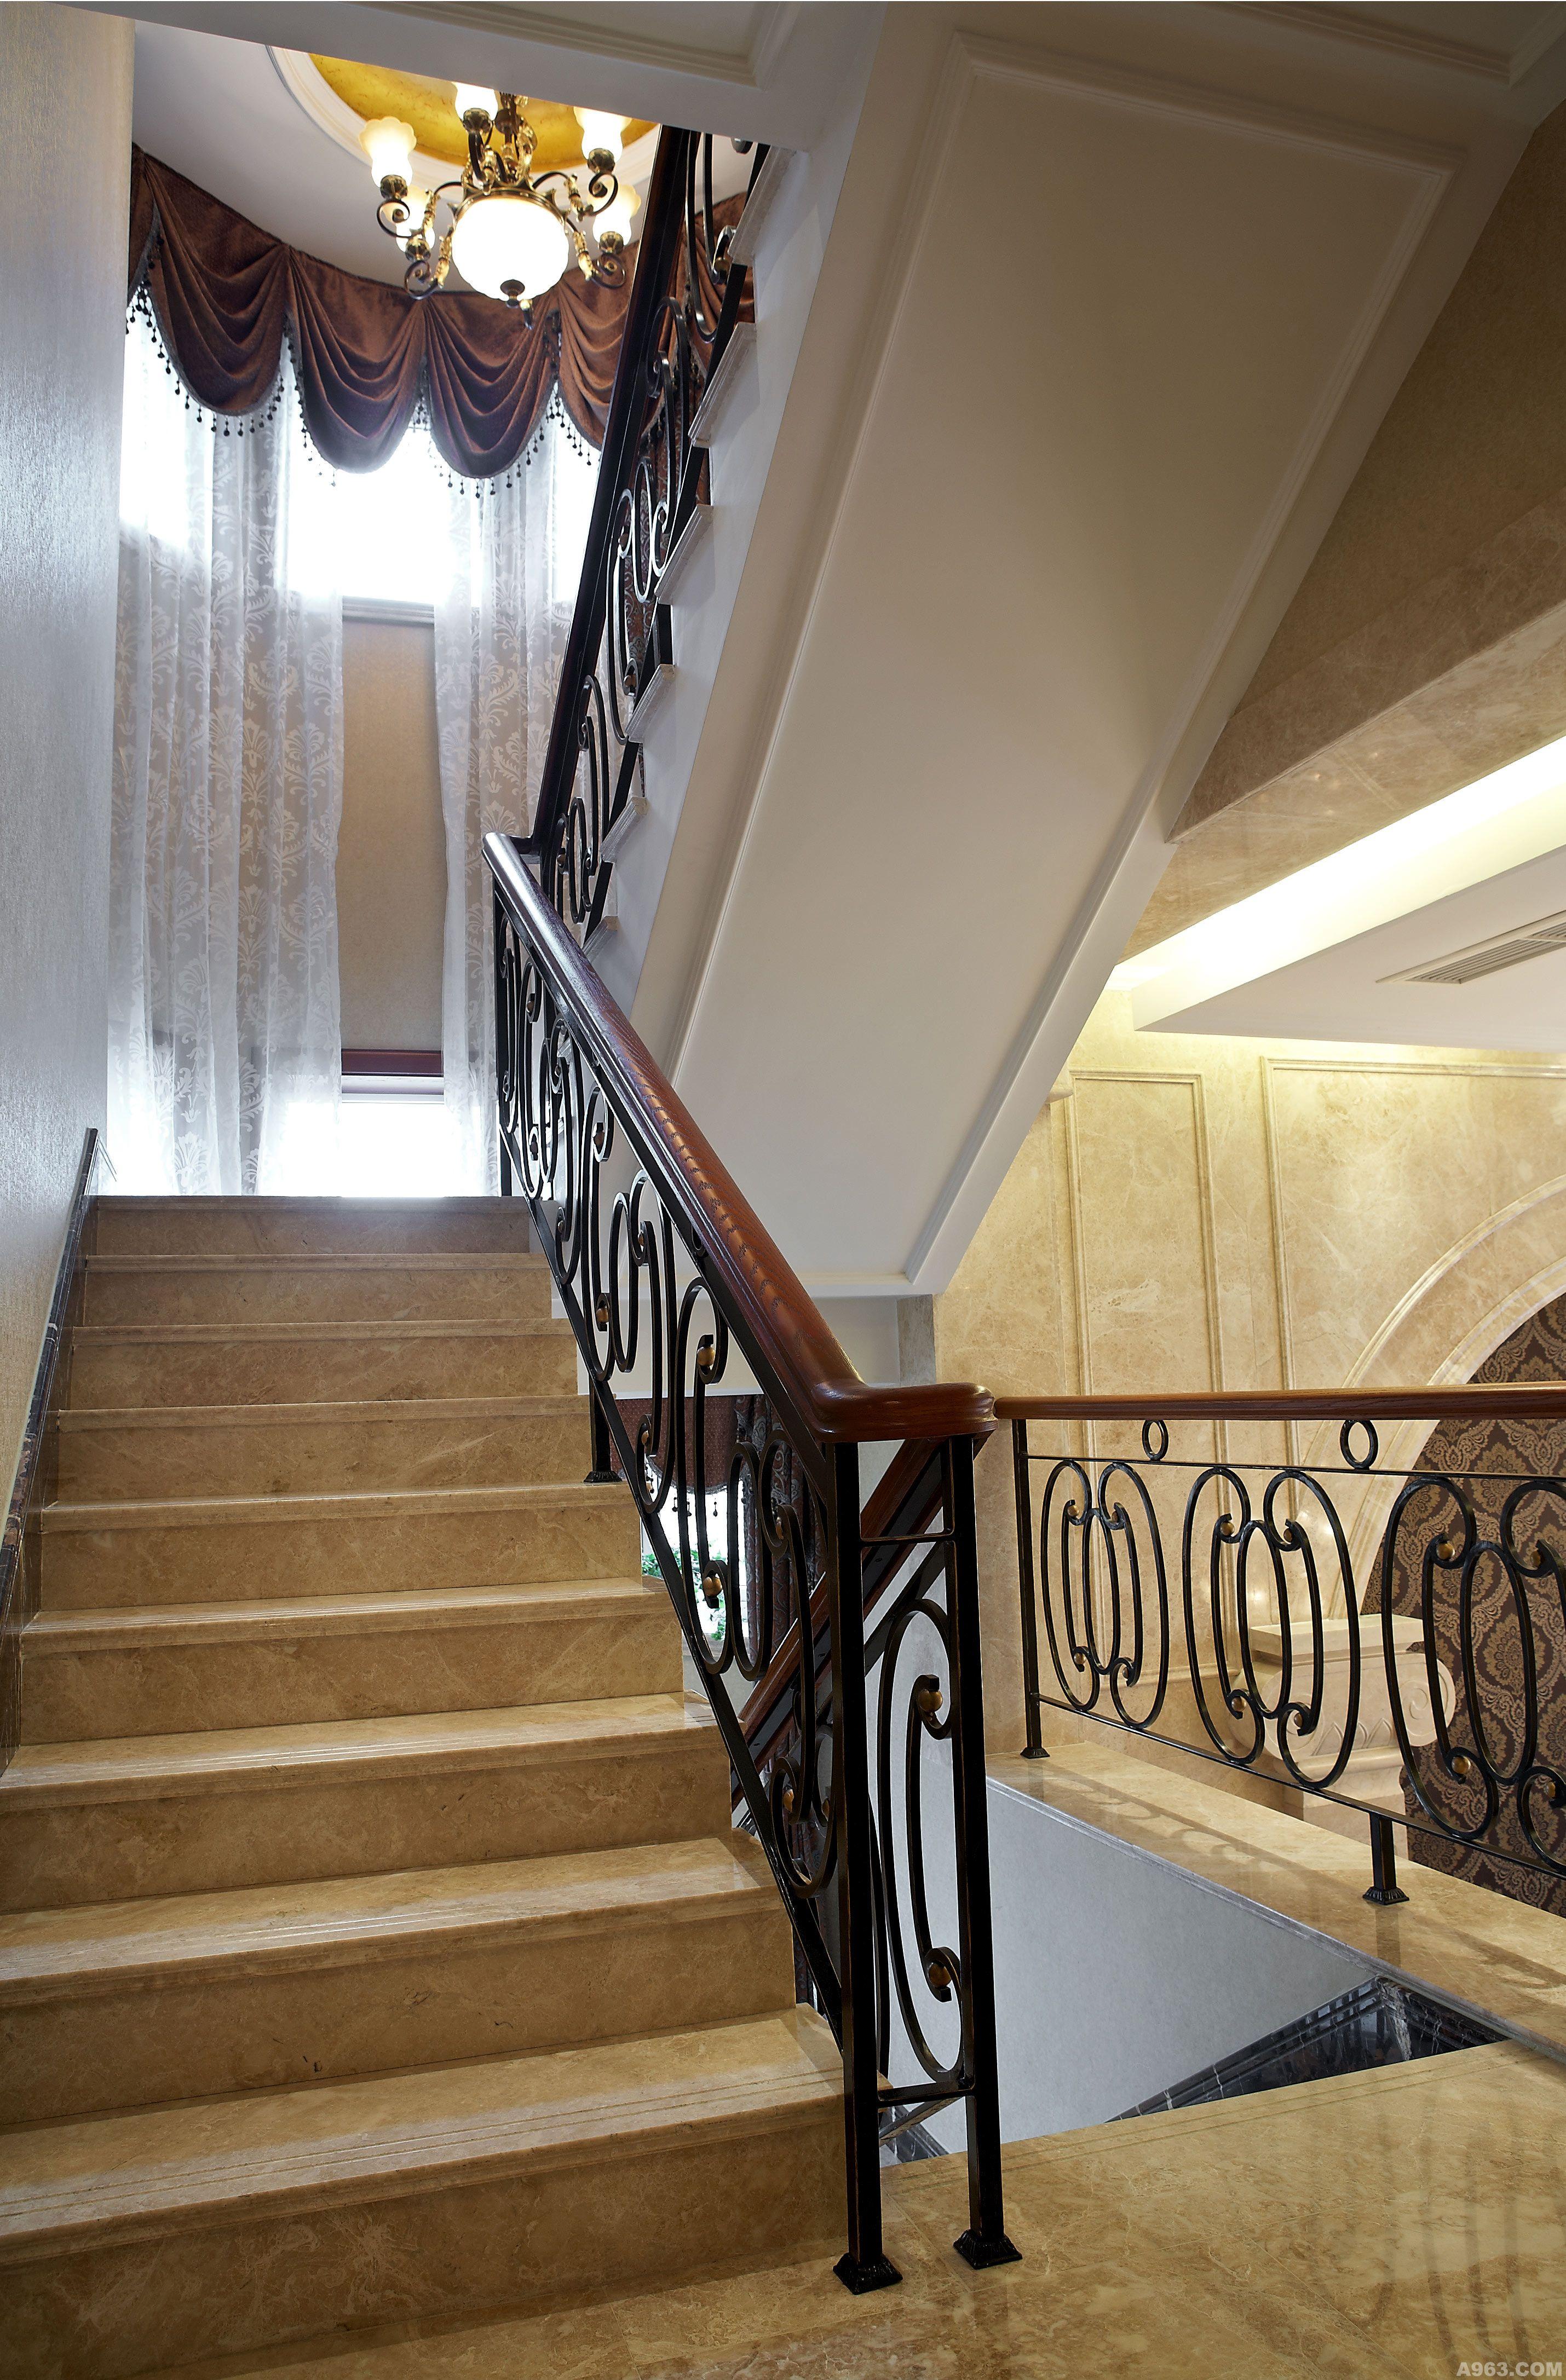 客厅采用排空形式,与二层互通,欧式风格的吊吊顶与正面墙的玻璃窗让空